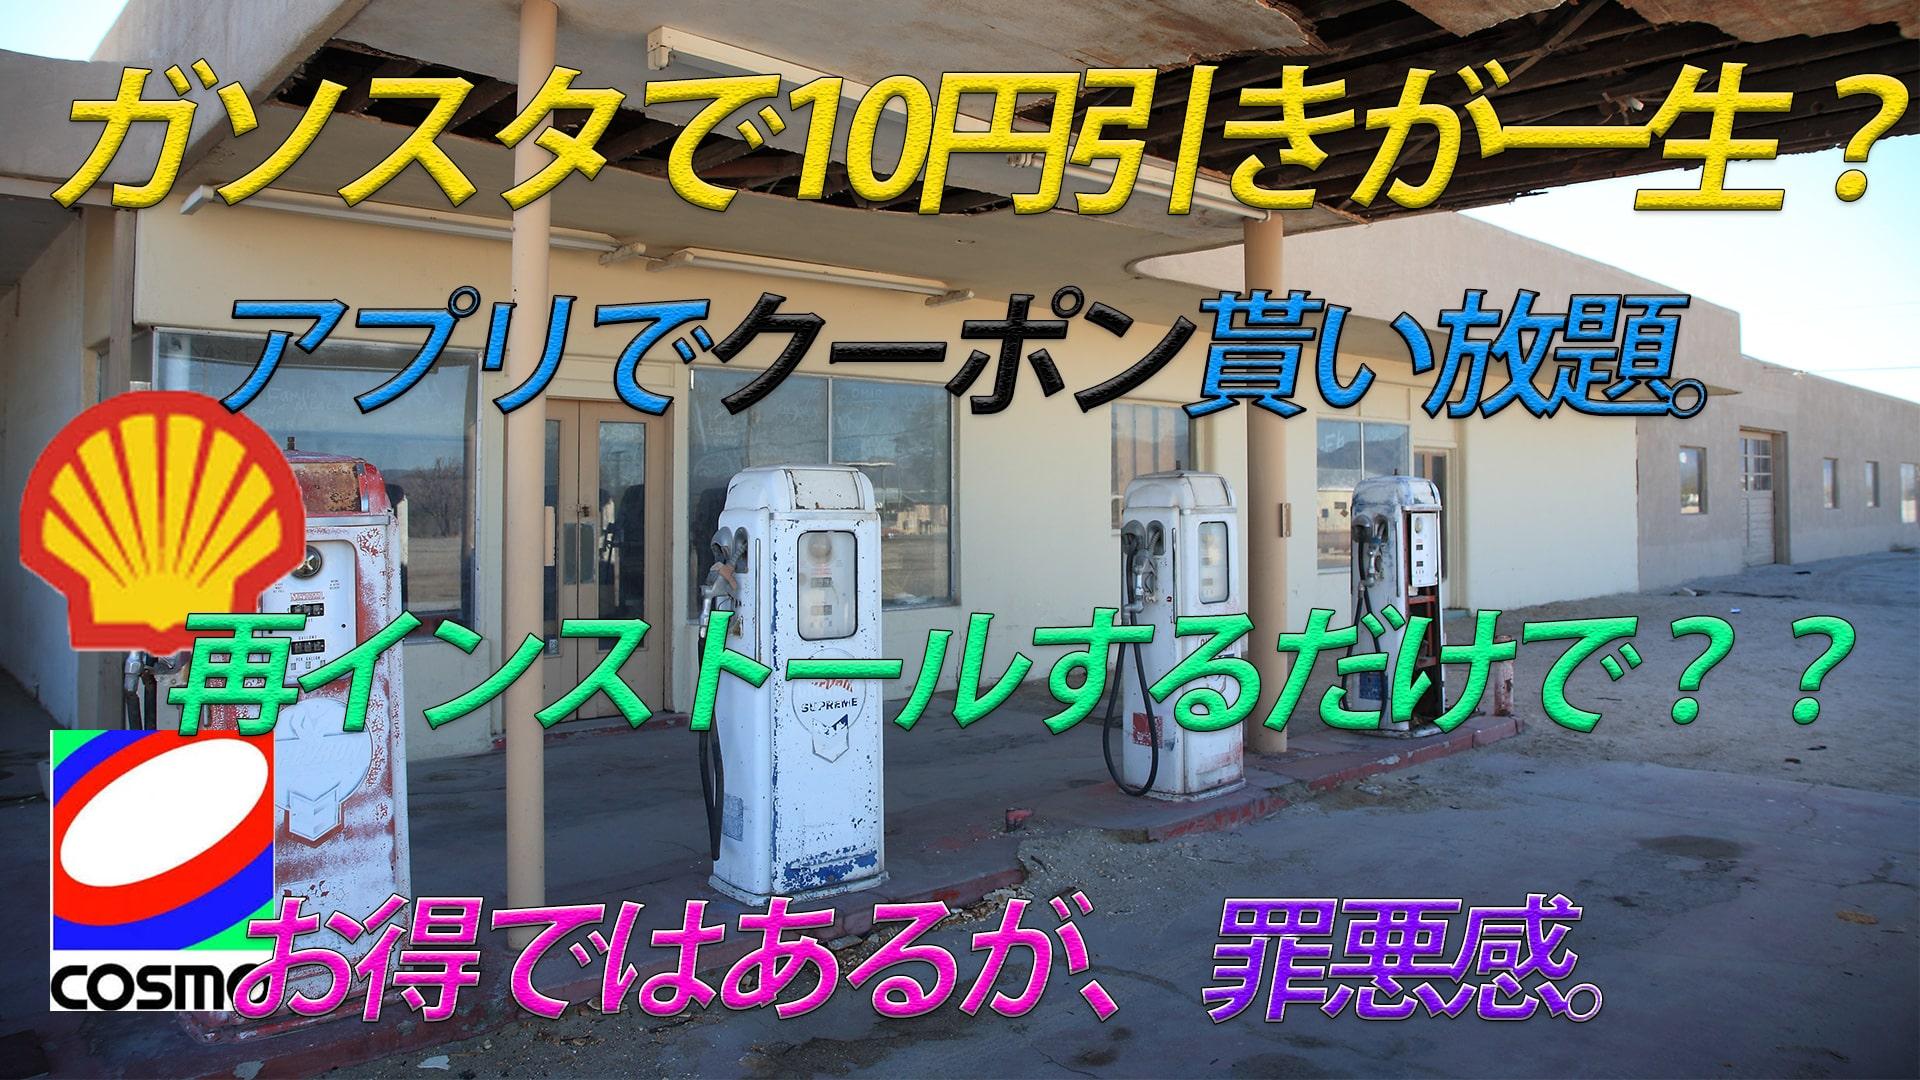 【ループ可能】ガソリンスタンドのアプリでクーポン貰い放題。